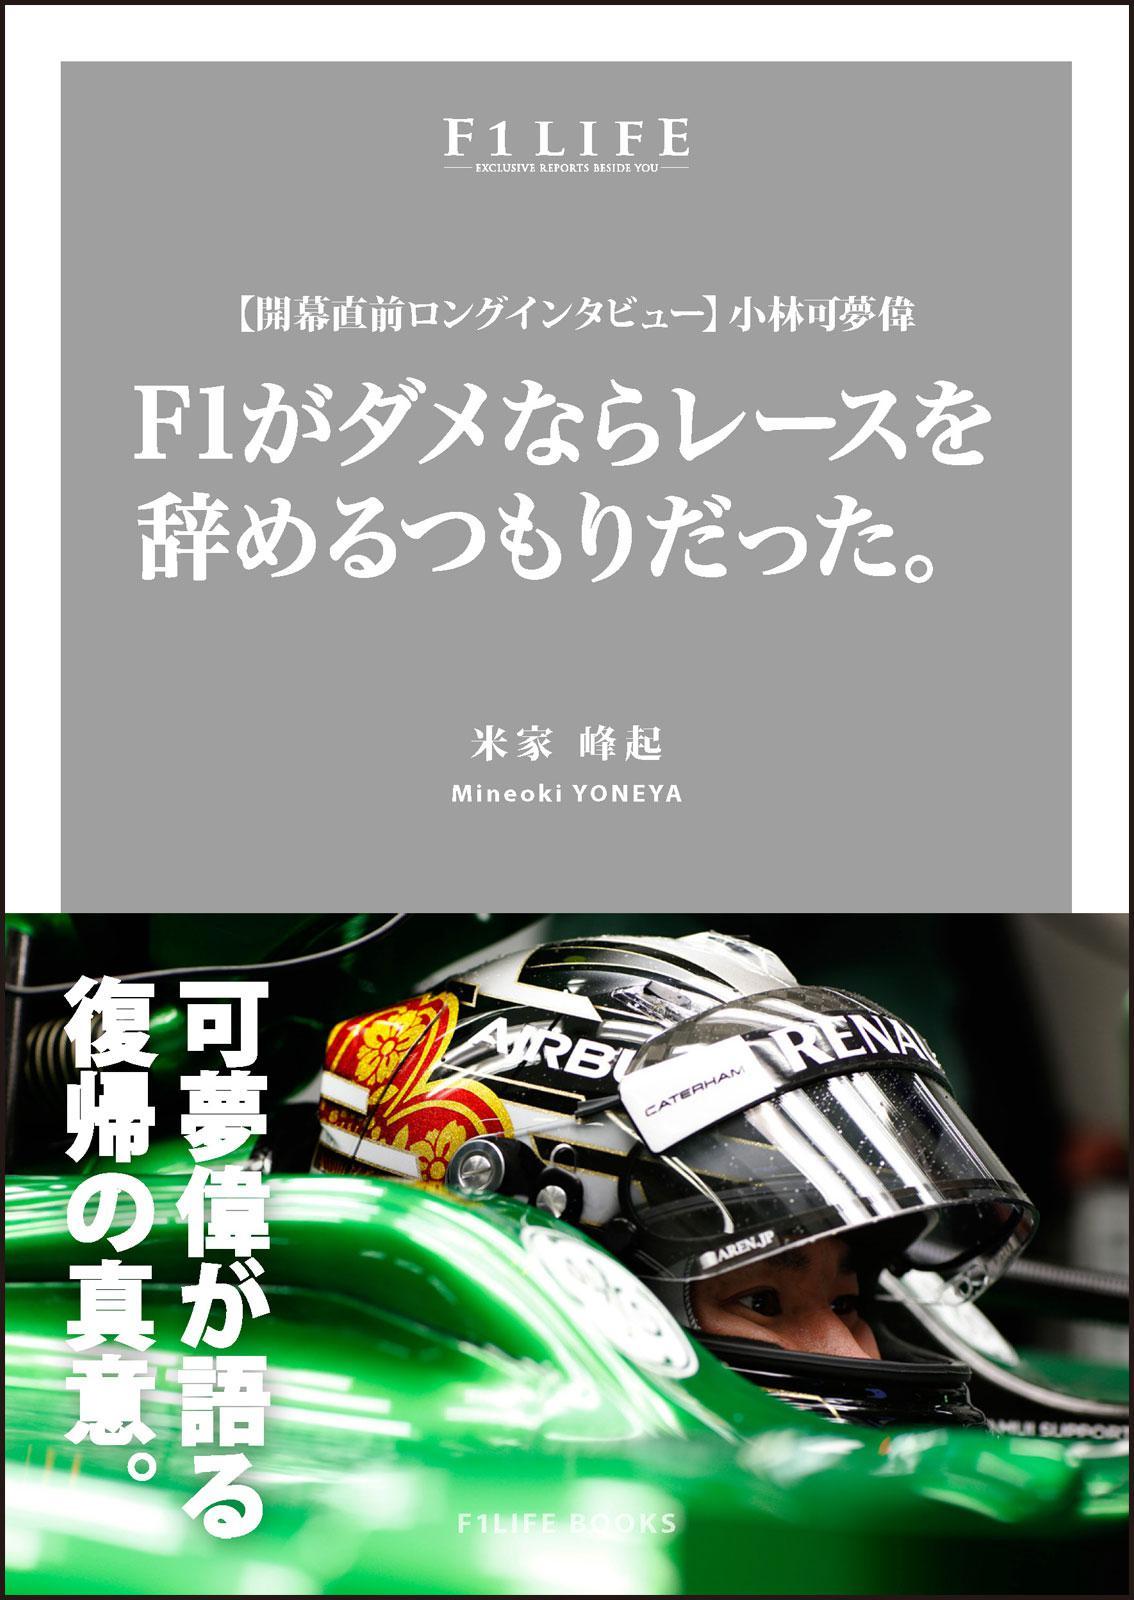 【開幕直前ロングインタビュー】小林可夢偉 F1がダメならレースを辞めるつもりだった。